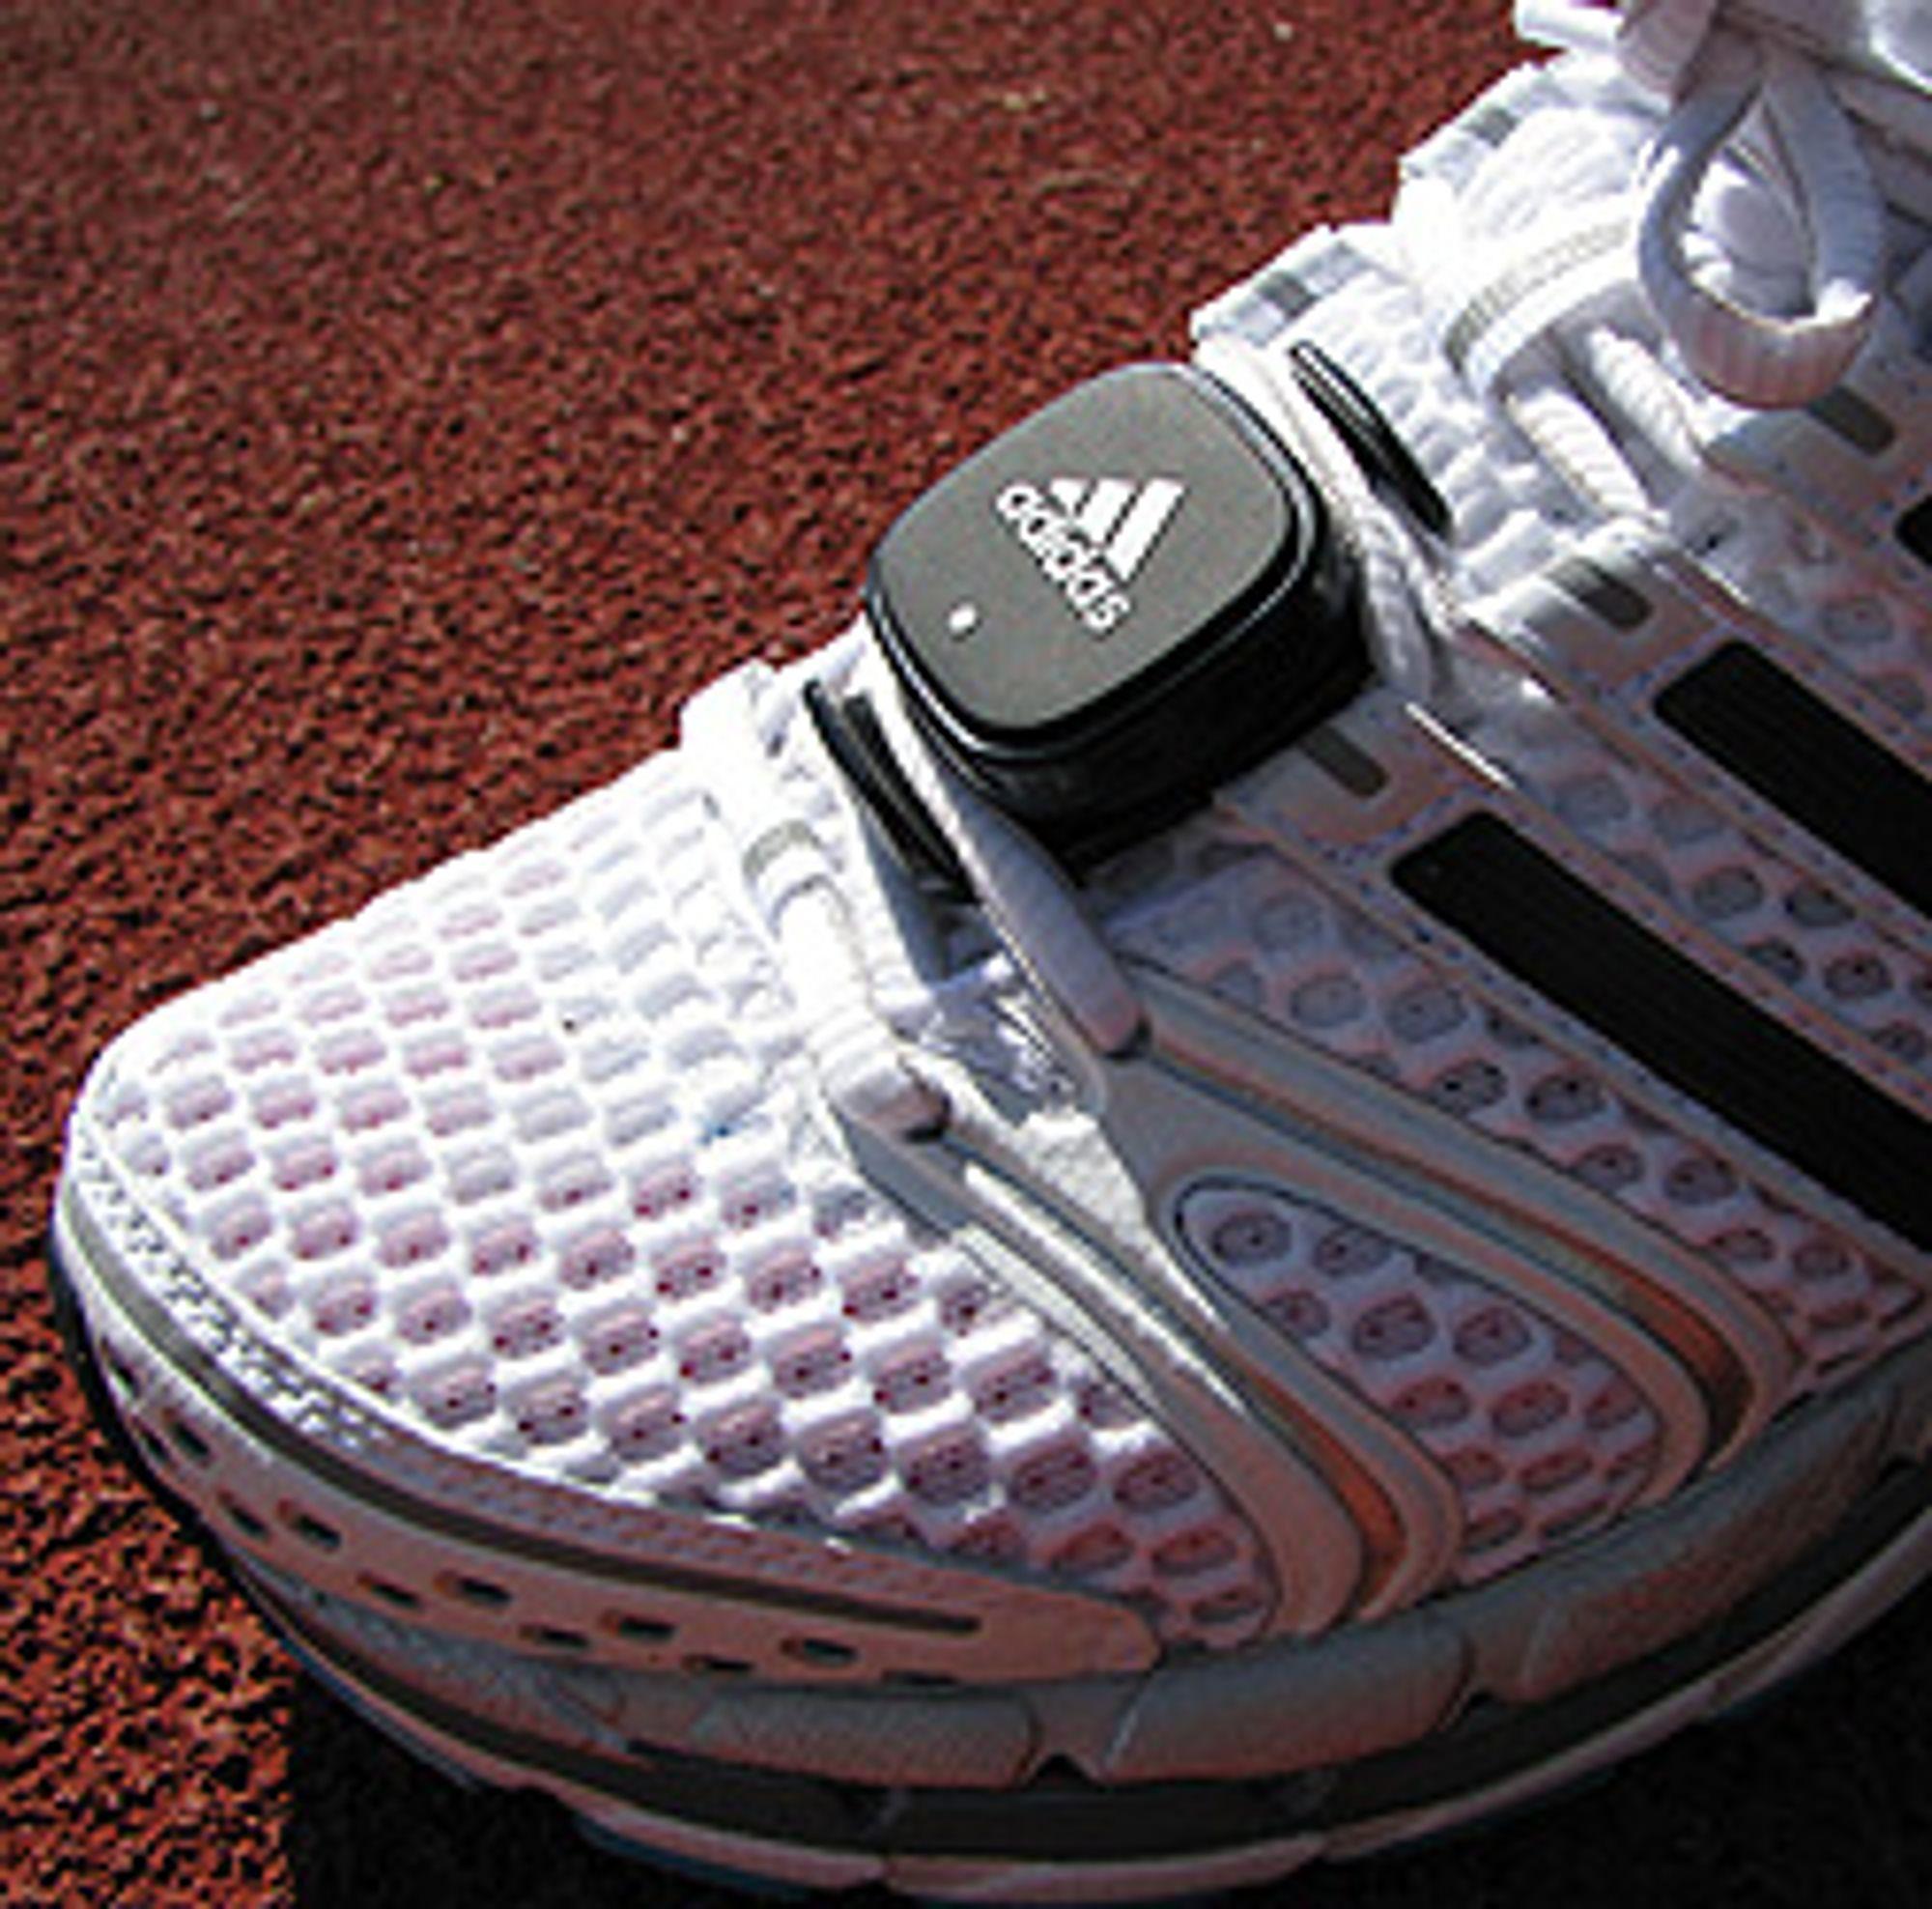 Denne lille paden fester du på skoen.